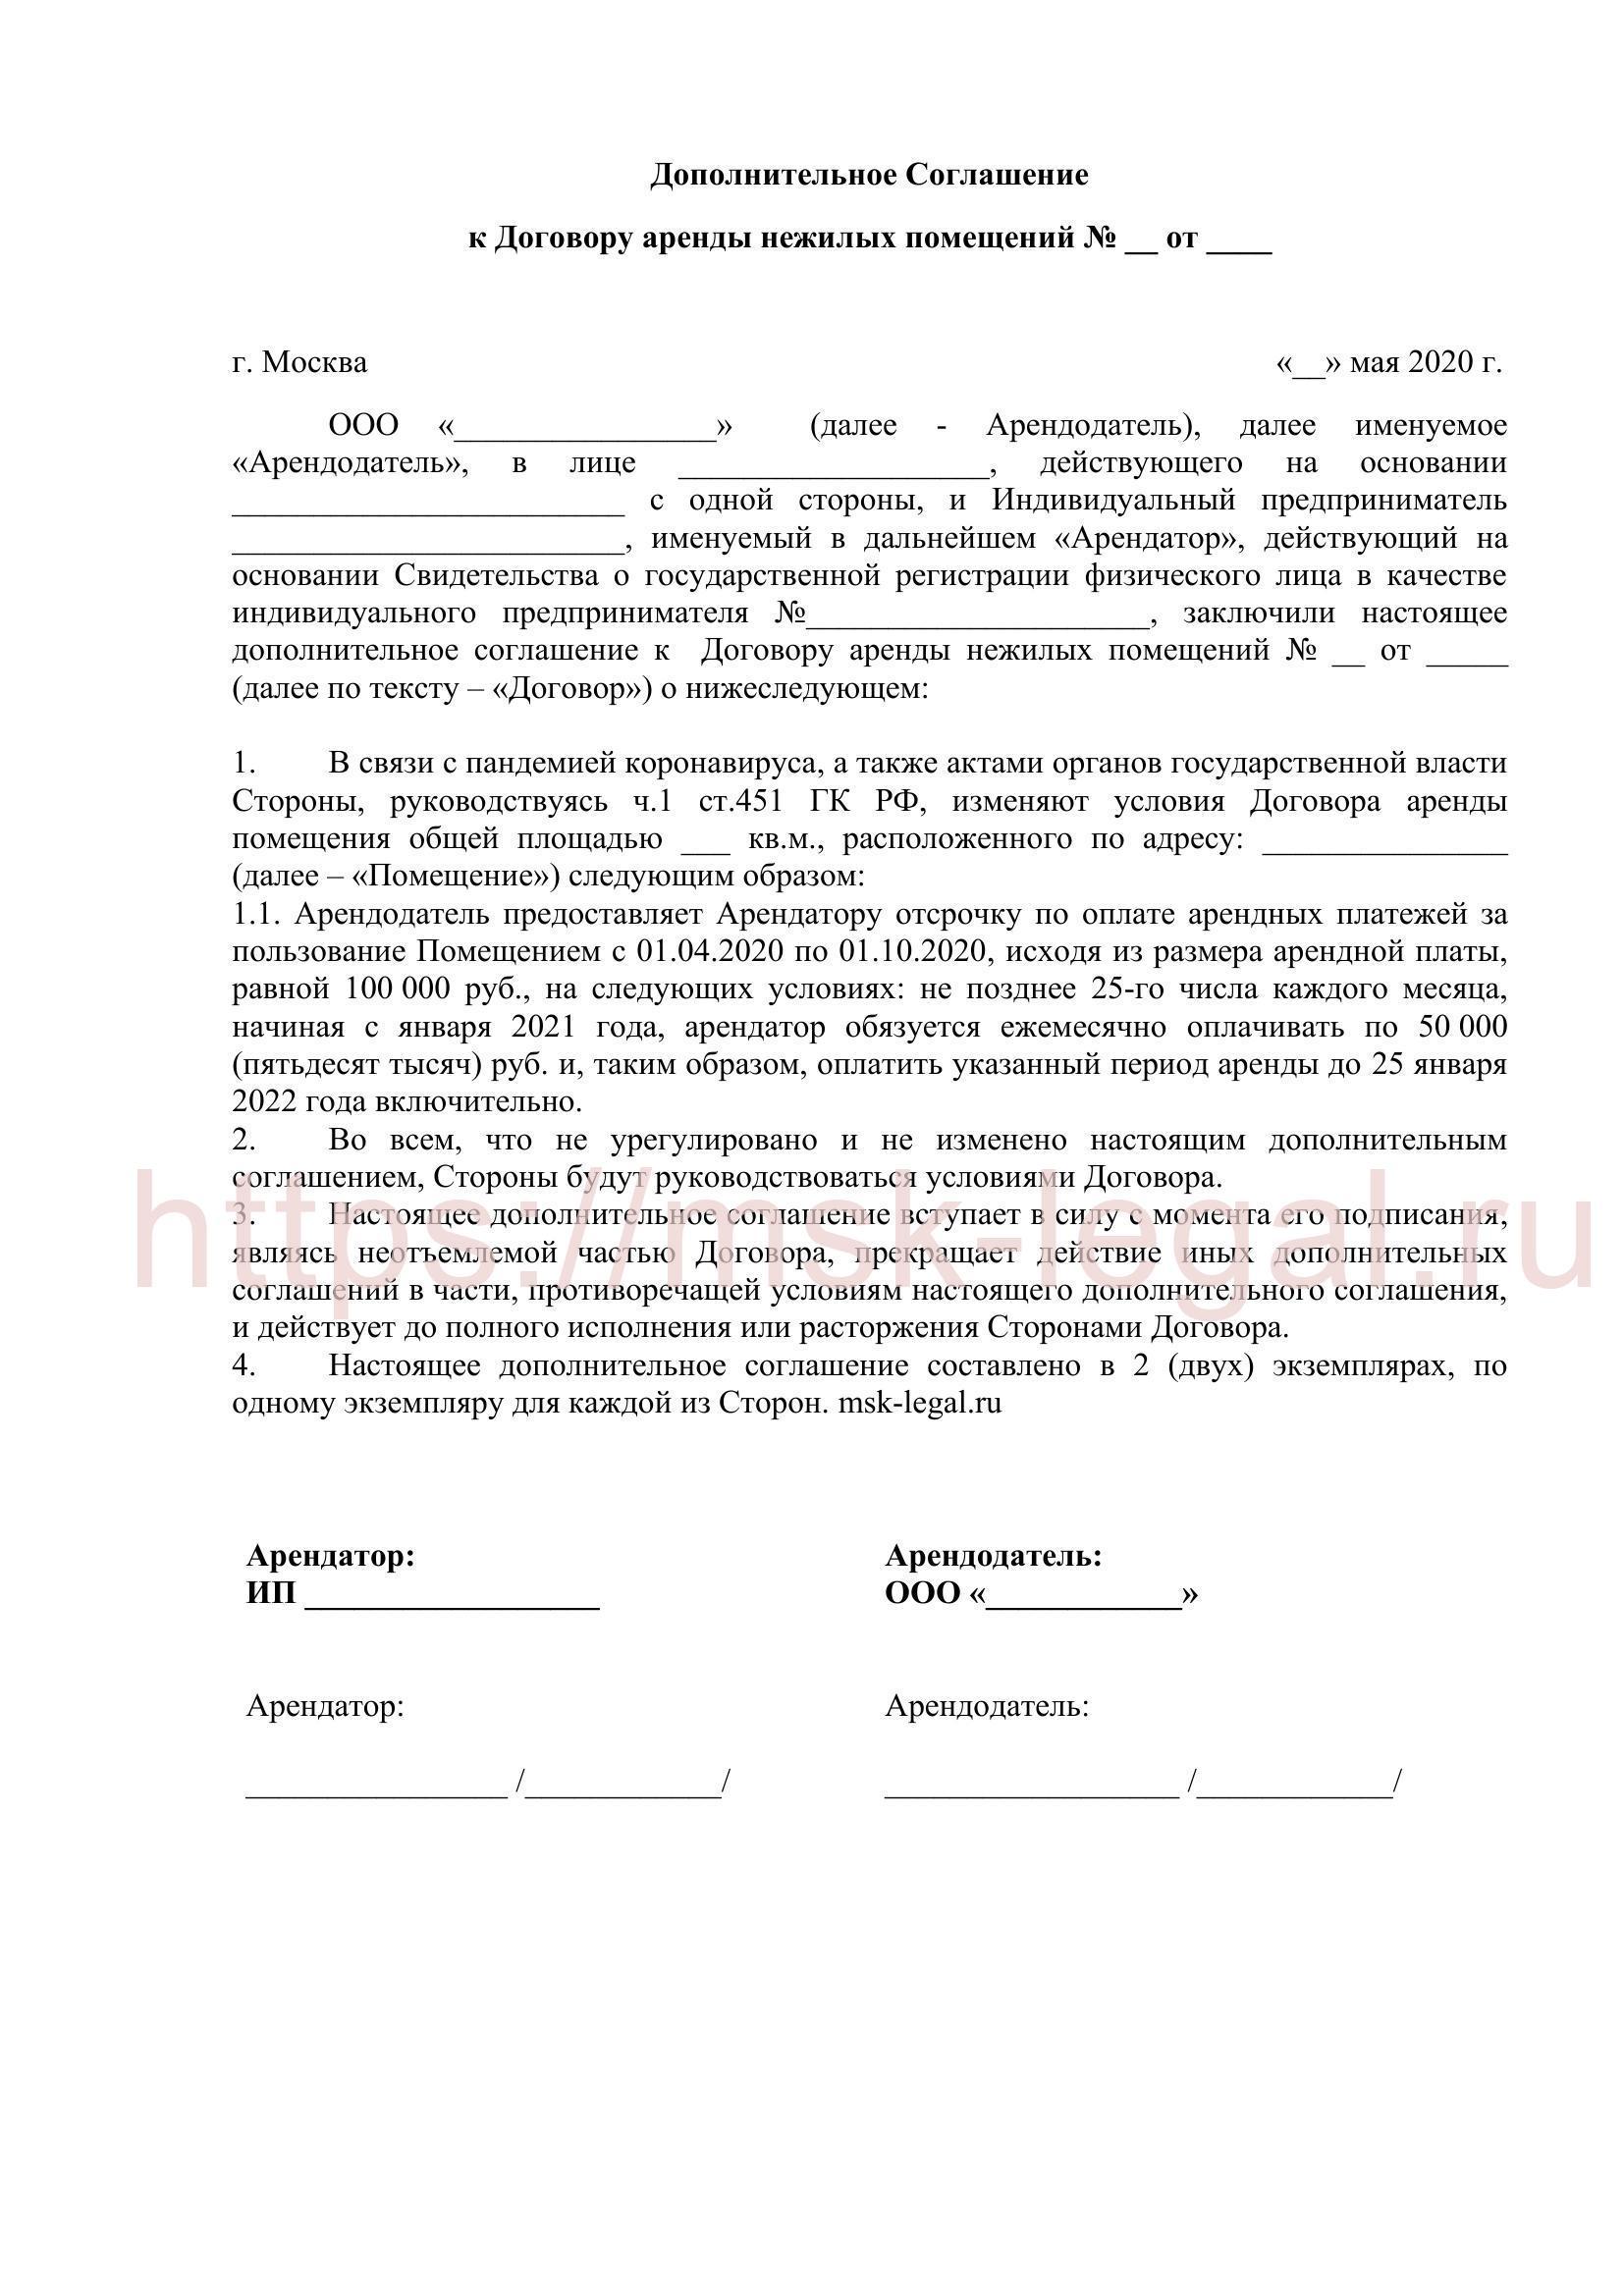 Дополнительное соглашение об изменении договора аренды из-за коронавируса